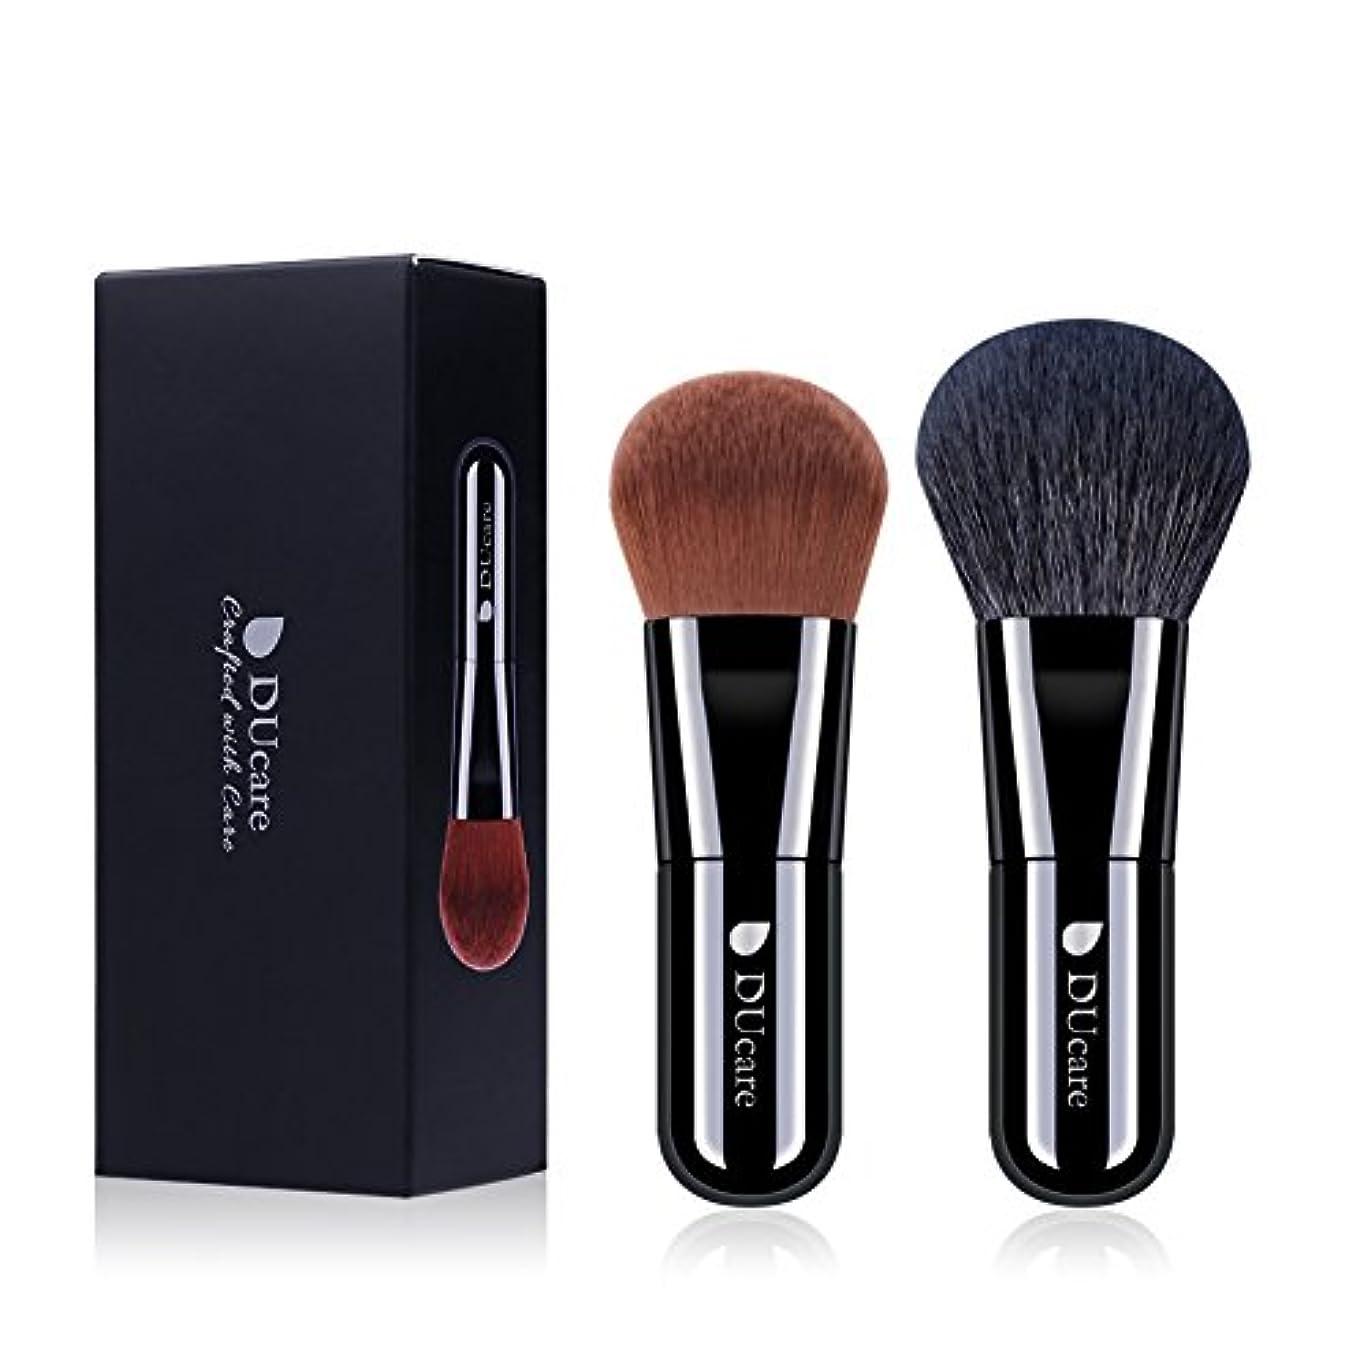 DUcare ドゥケア 化粧筆 メイクブラシ 2本セット フェイスブラシファンデーションブラシ パウダー&チークブラシ 最高級のタクロン&山羊毛を使用